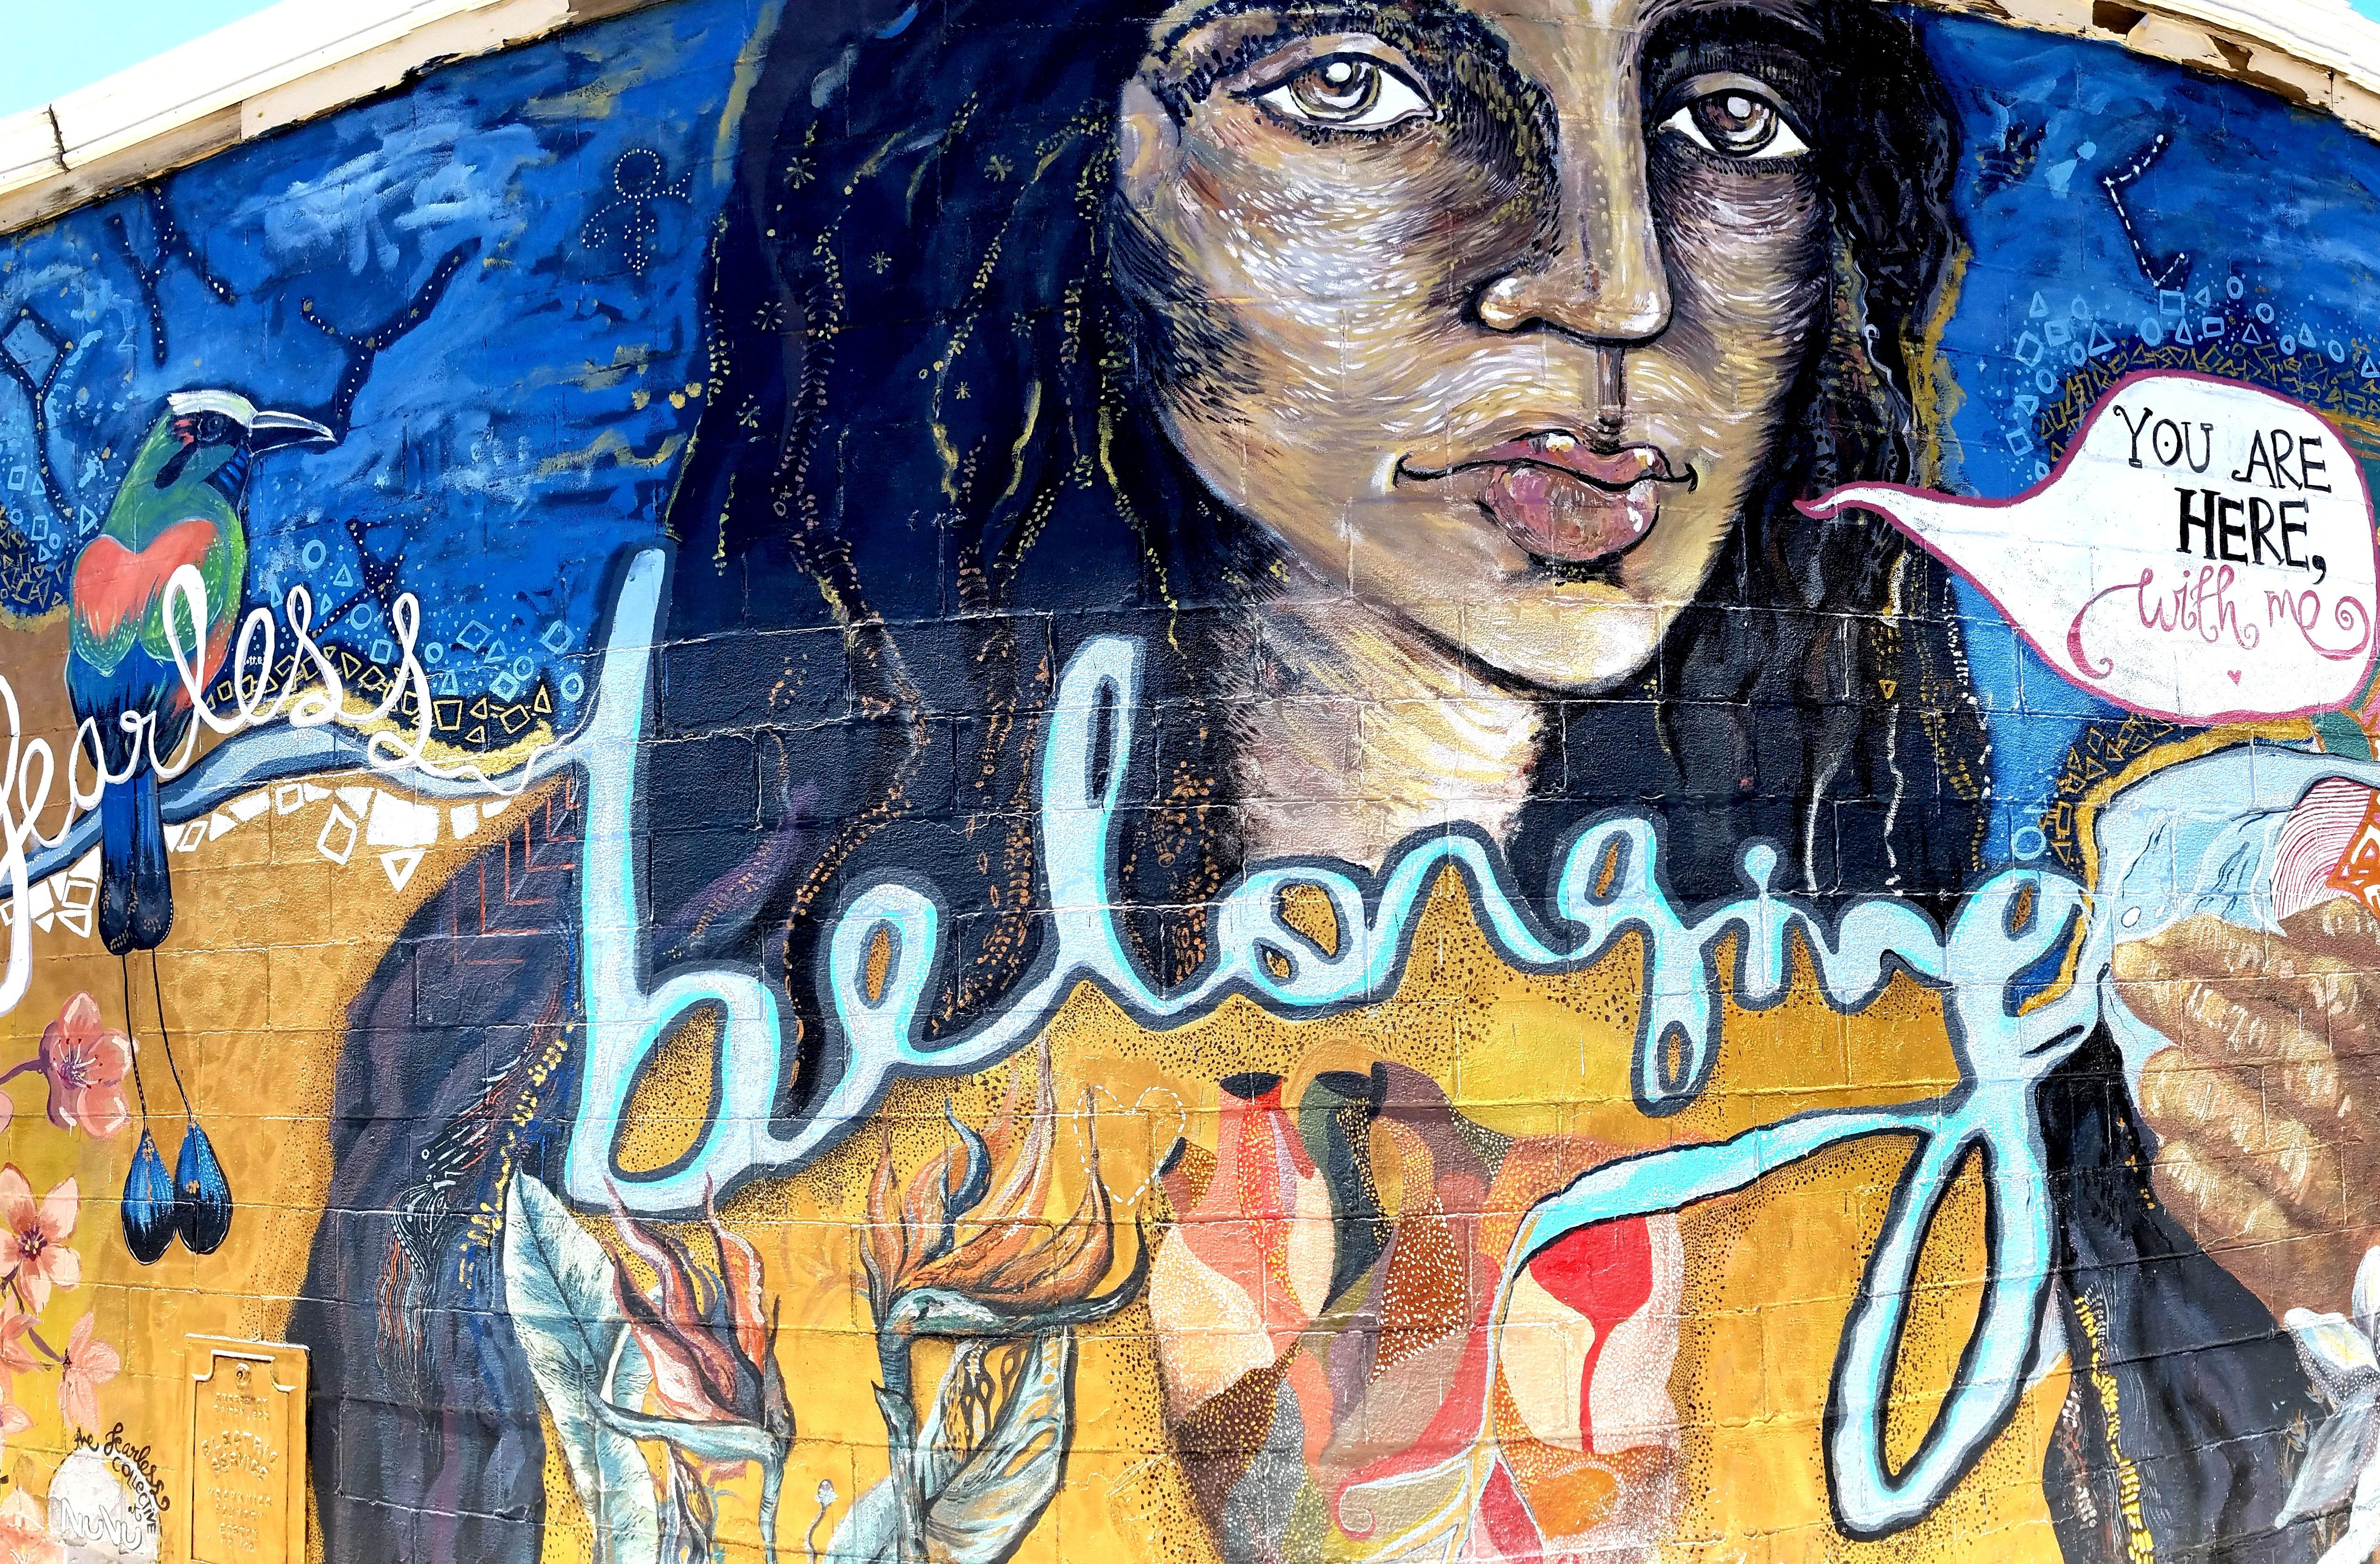 Graffiti wall cambridge ma - Cambridge Ma Street Art Graffiti From The Central Square Graffiti Alley Area